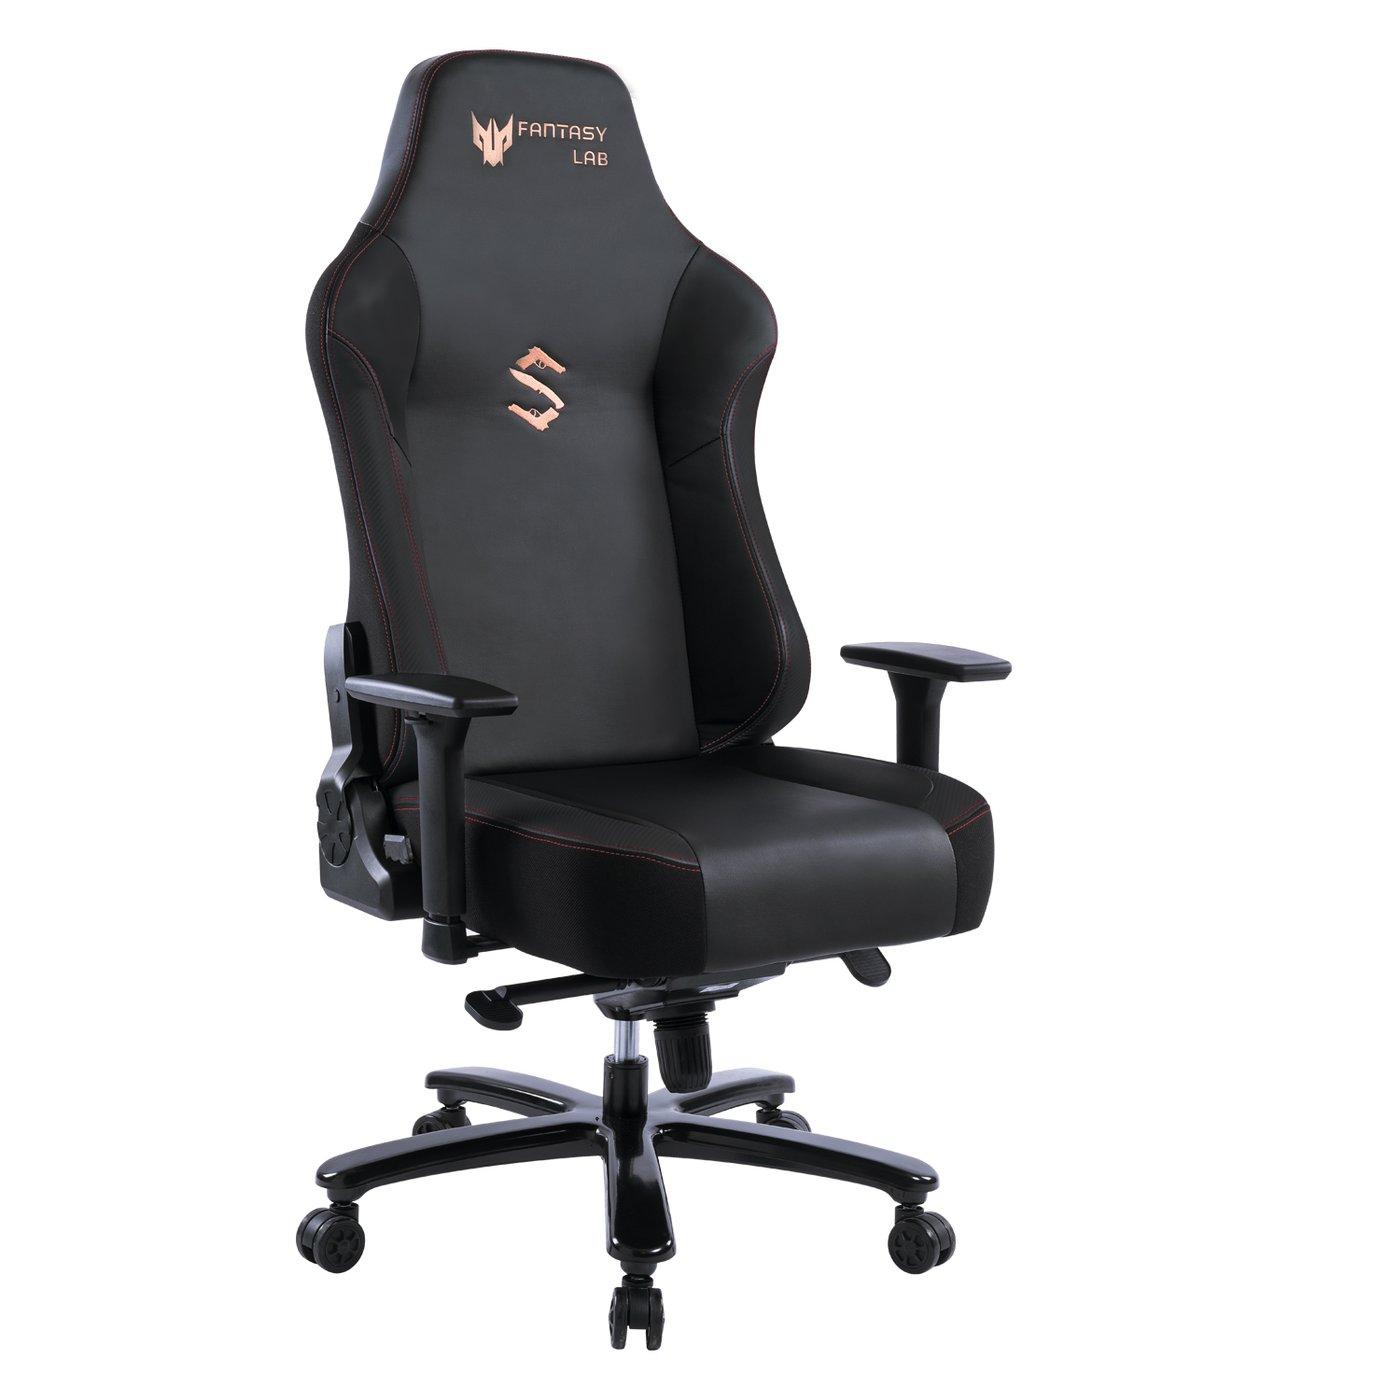 8331 игровое кресло с высокой спинкой, компьютерное кресло для компьютерных игр, офисное кресло 2021